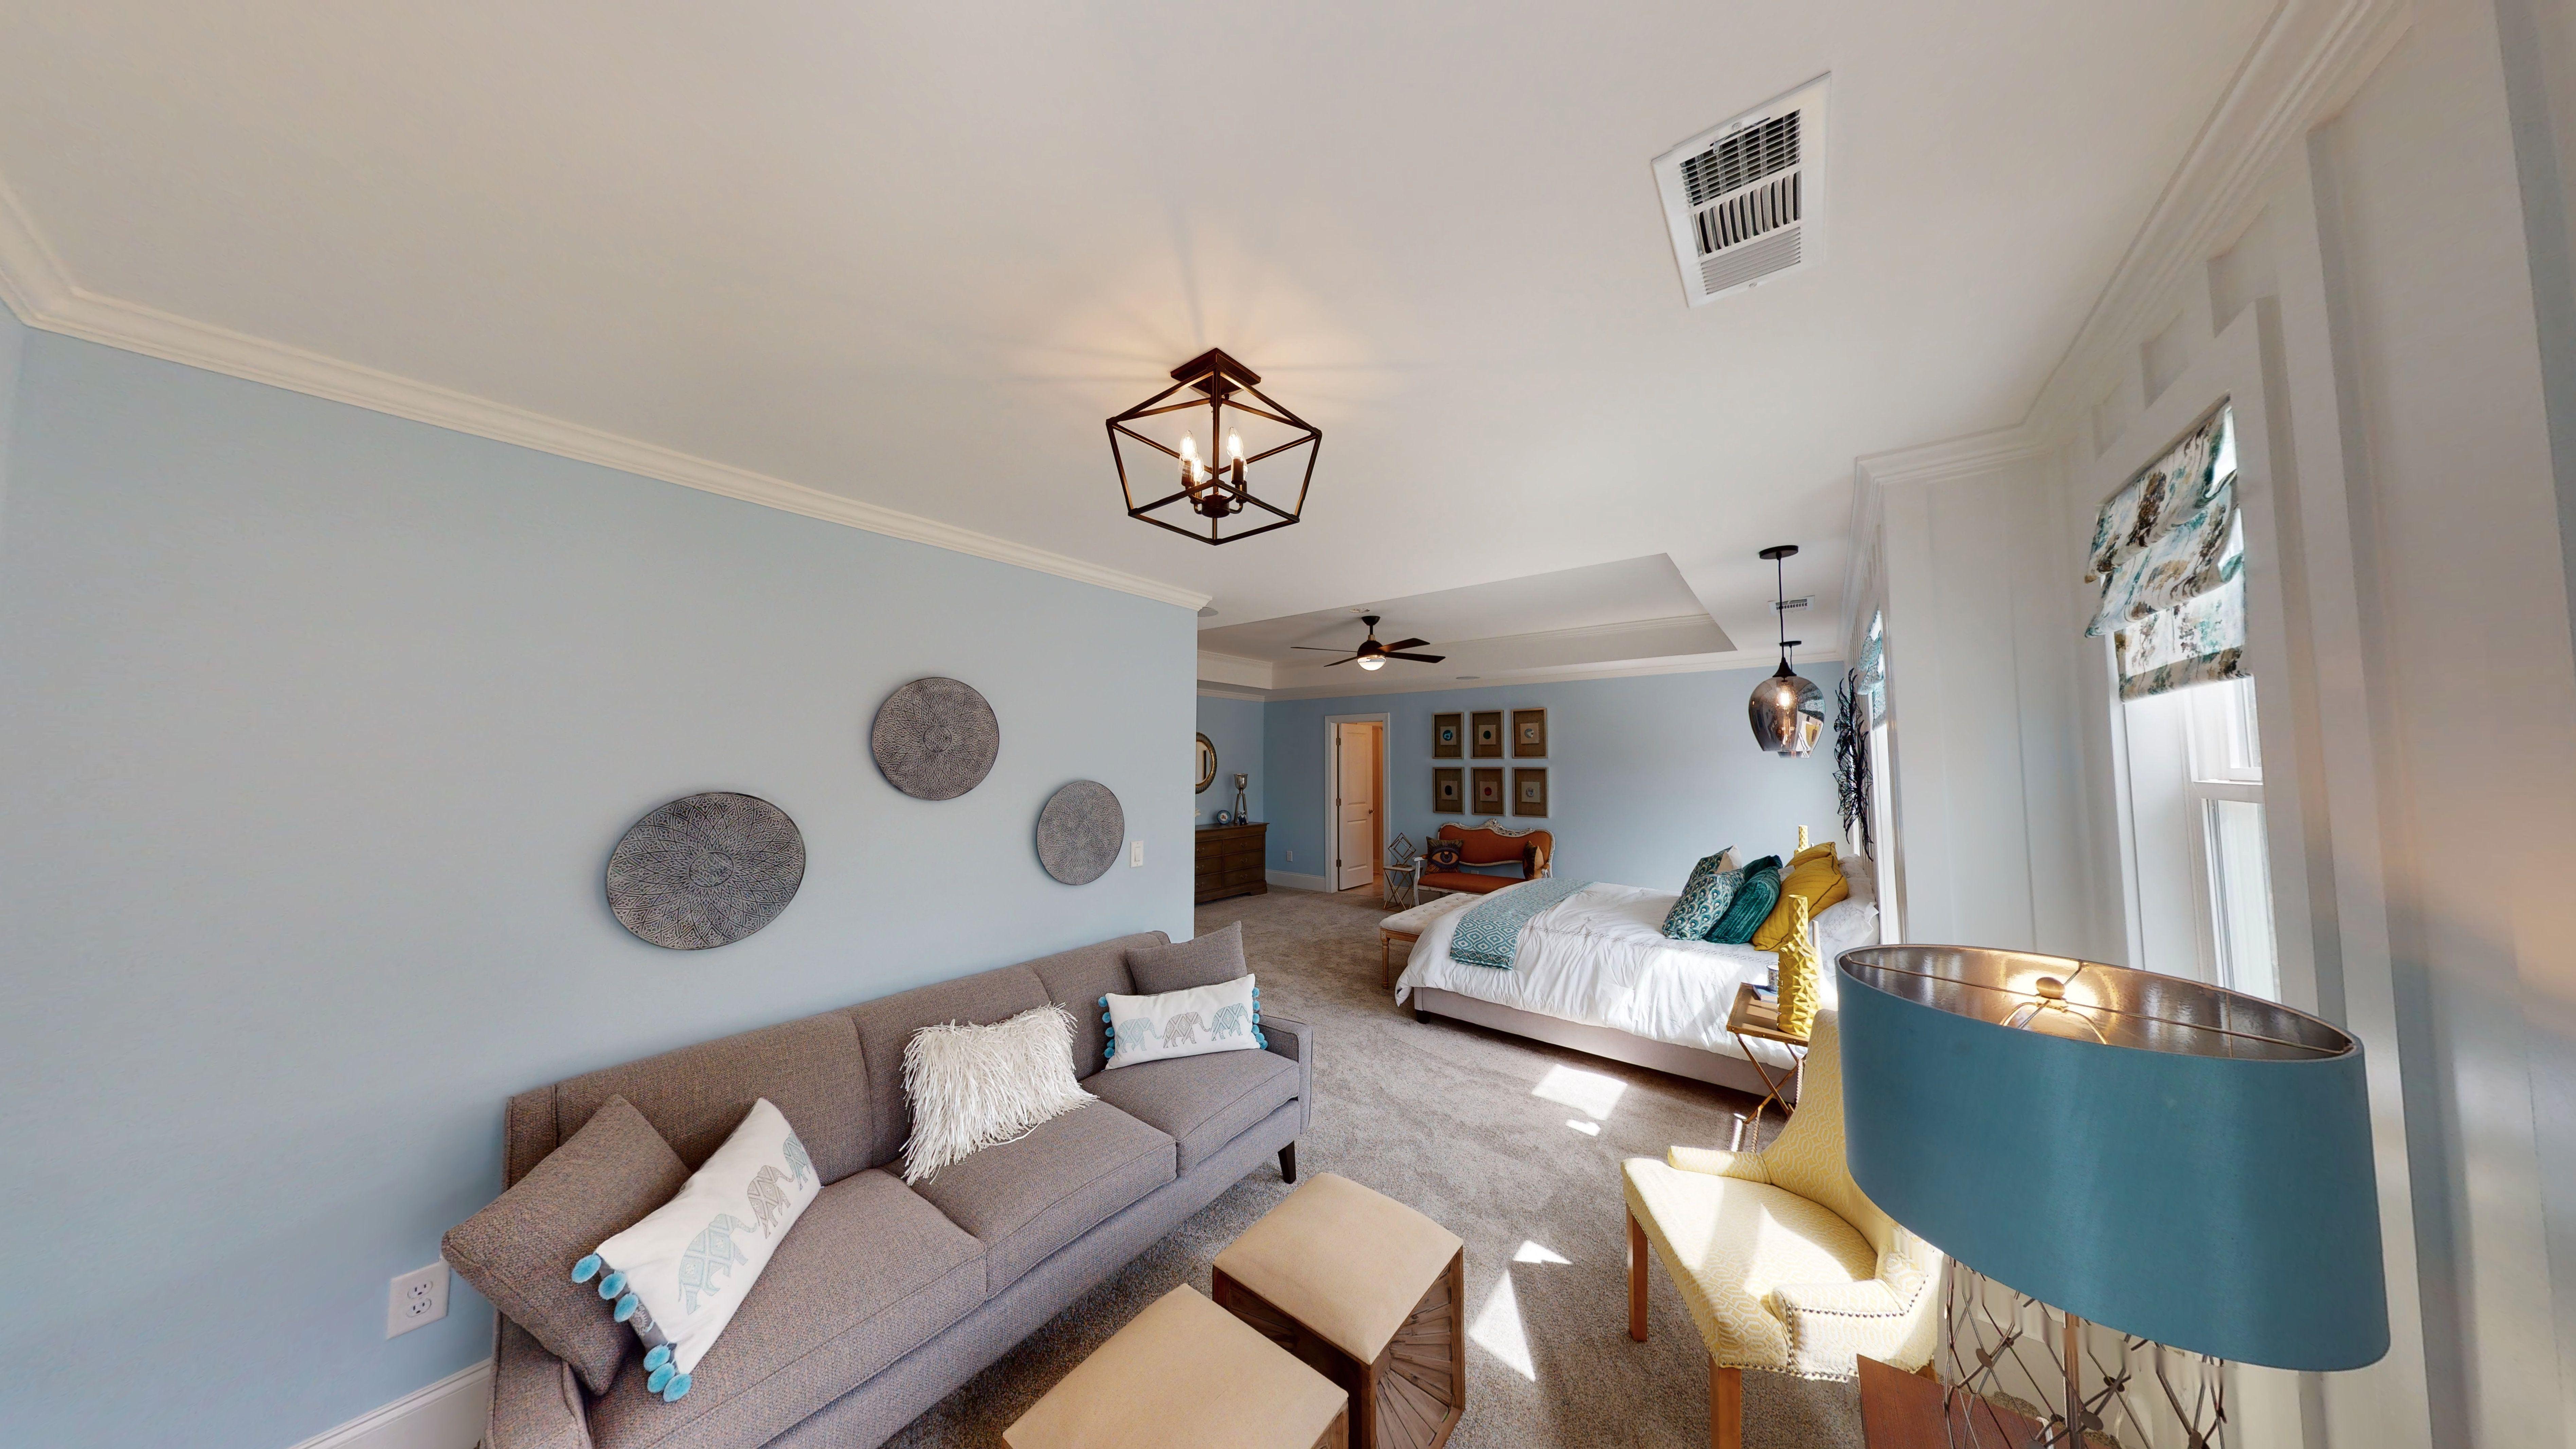 Bedroom featured in The Westport By O'Dwyer Homes in Atlanta, GA